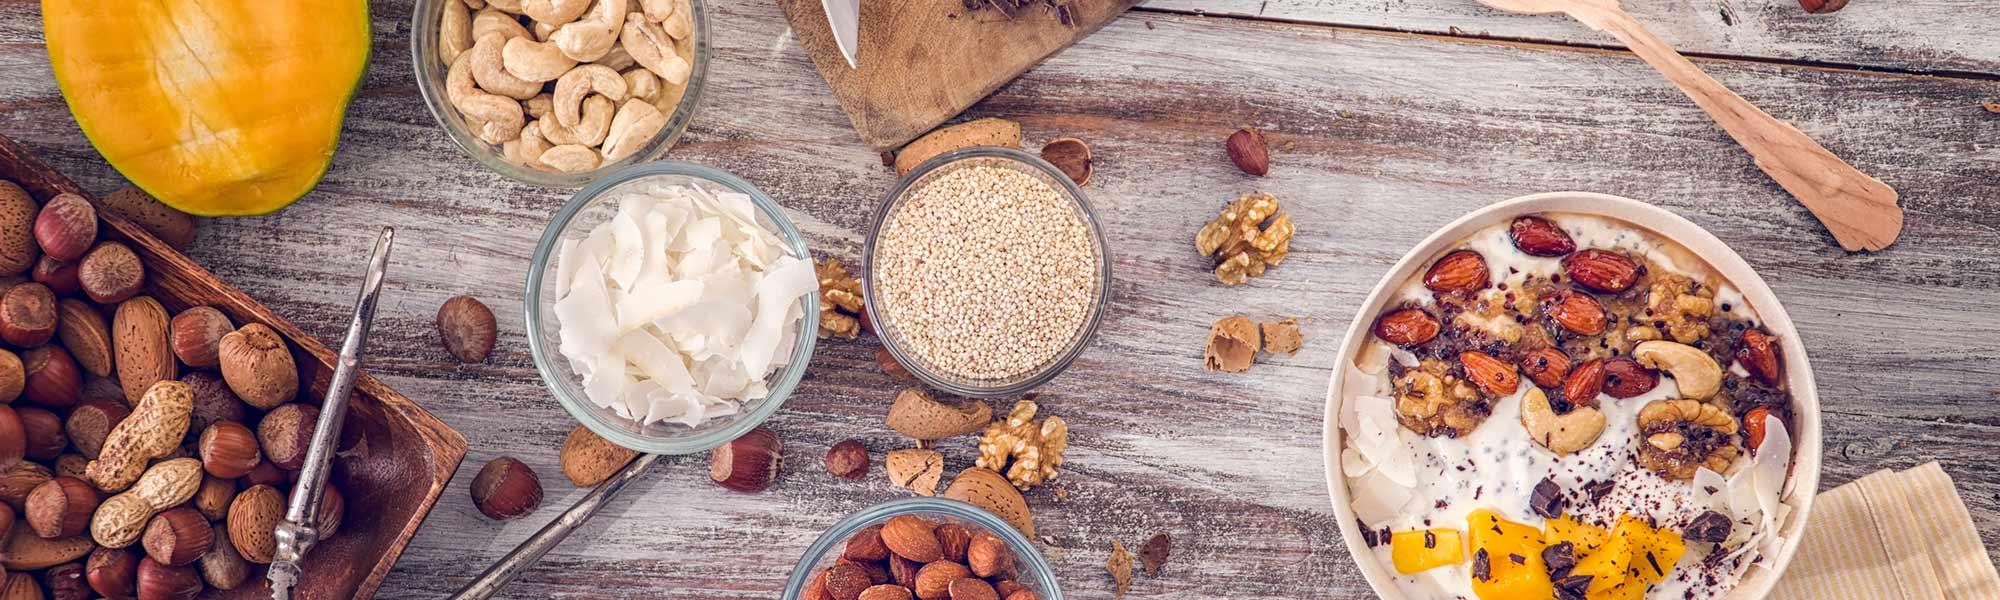 Descubre por qué comer frutos secos a diario es bueno para tu salud